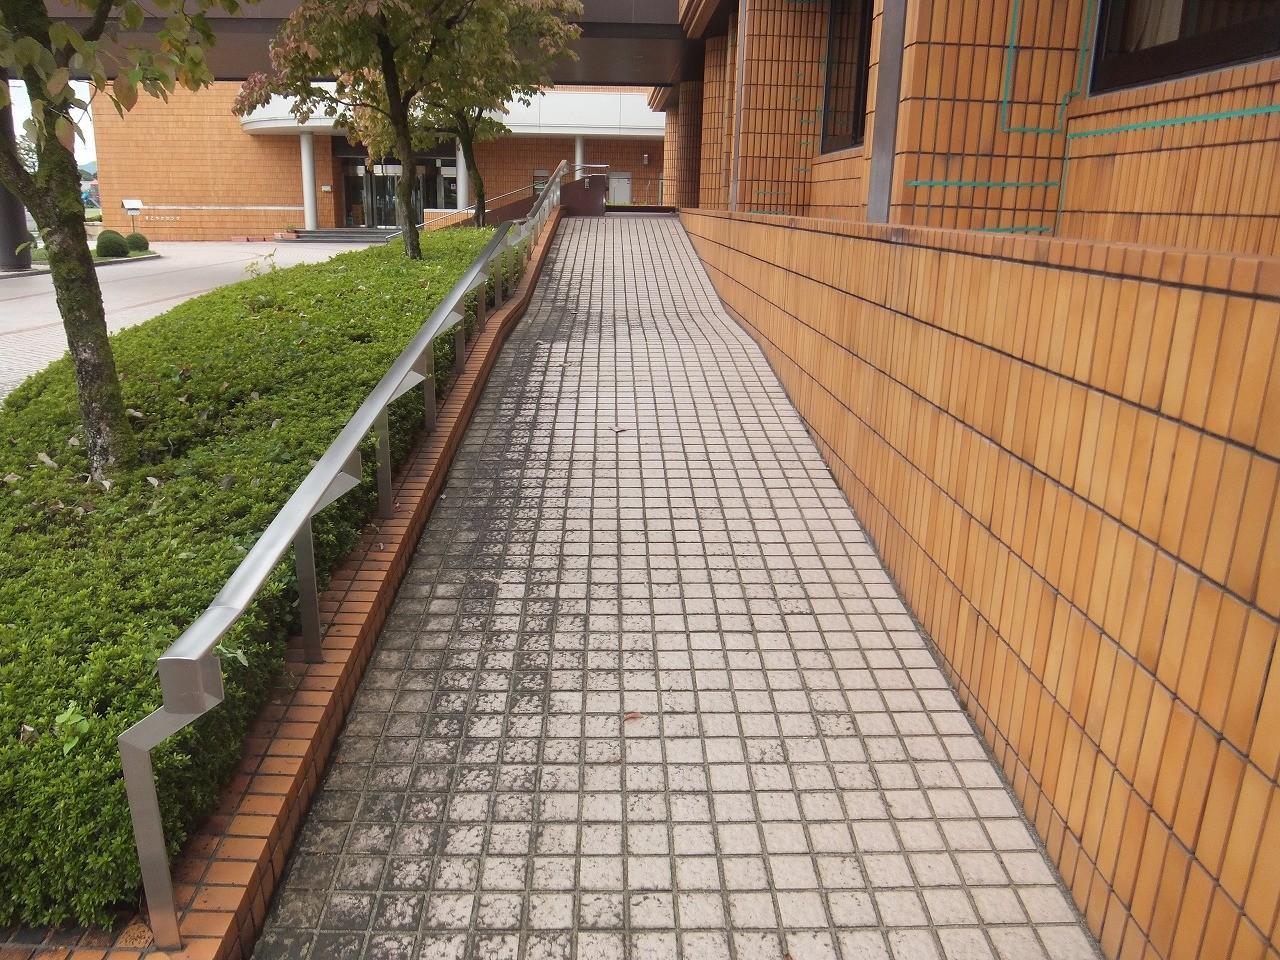 雨天時に滑って転倒する可能性の高いタイル地も